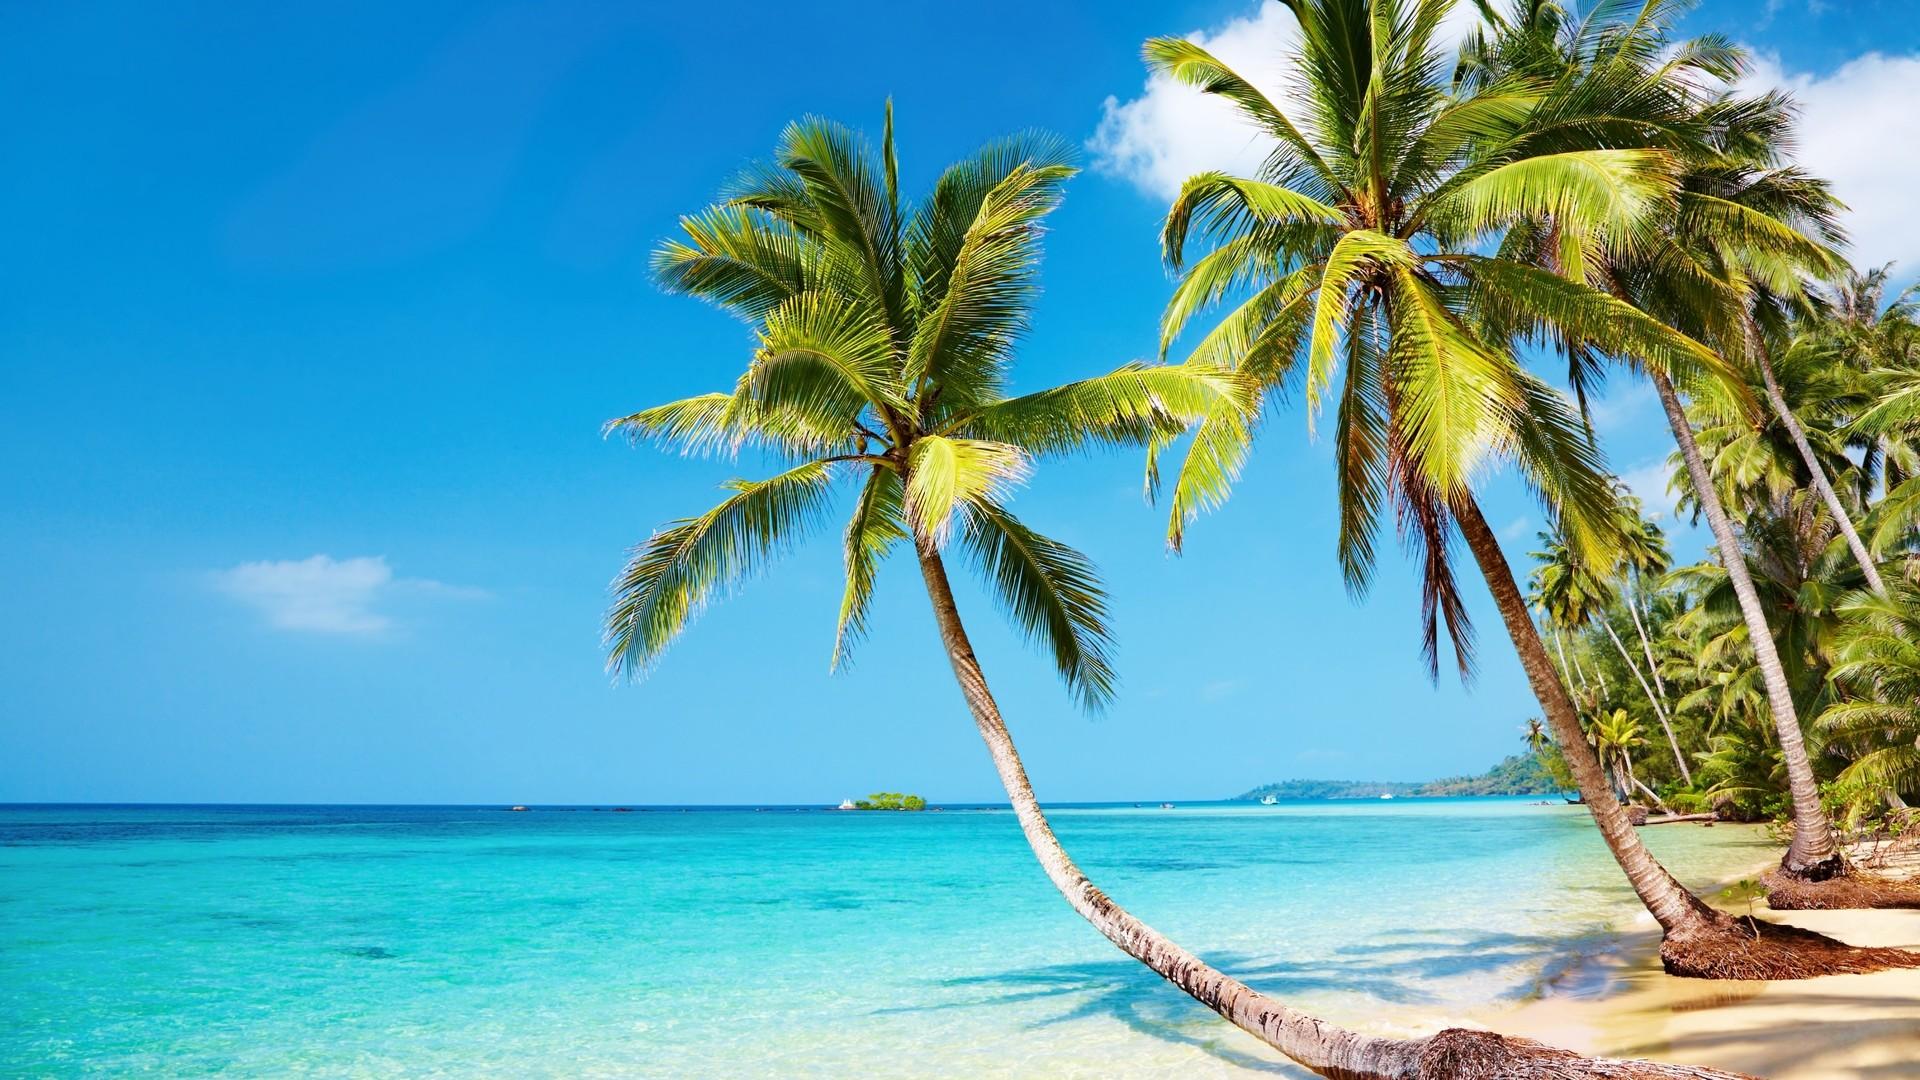 2560x1600 tropical beach hammock wallpaper tropical beach hd wallpaper  68  images   rh   getwallpapers